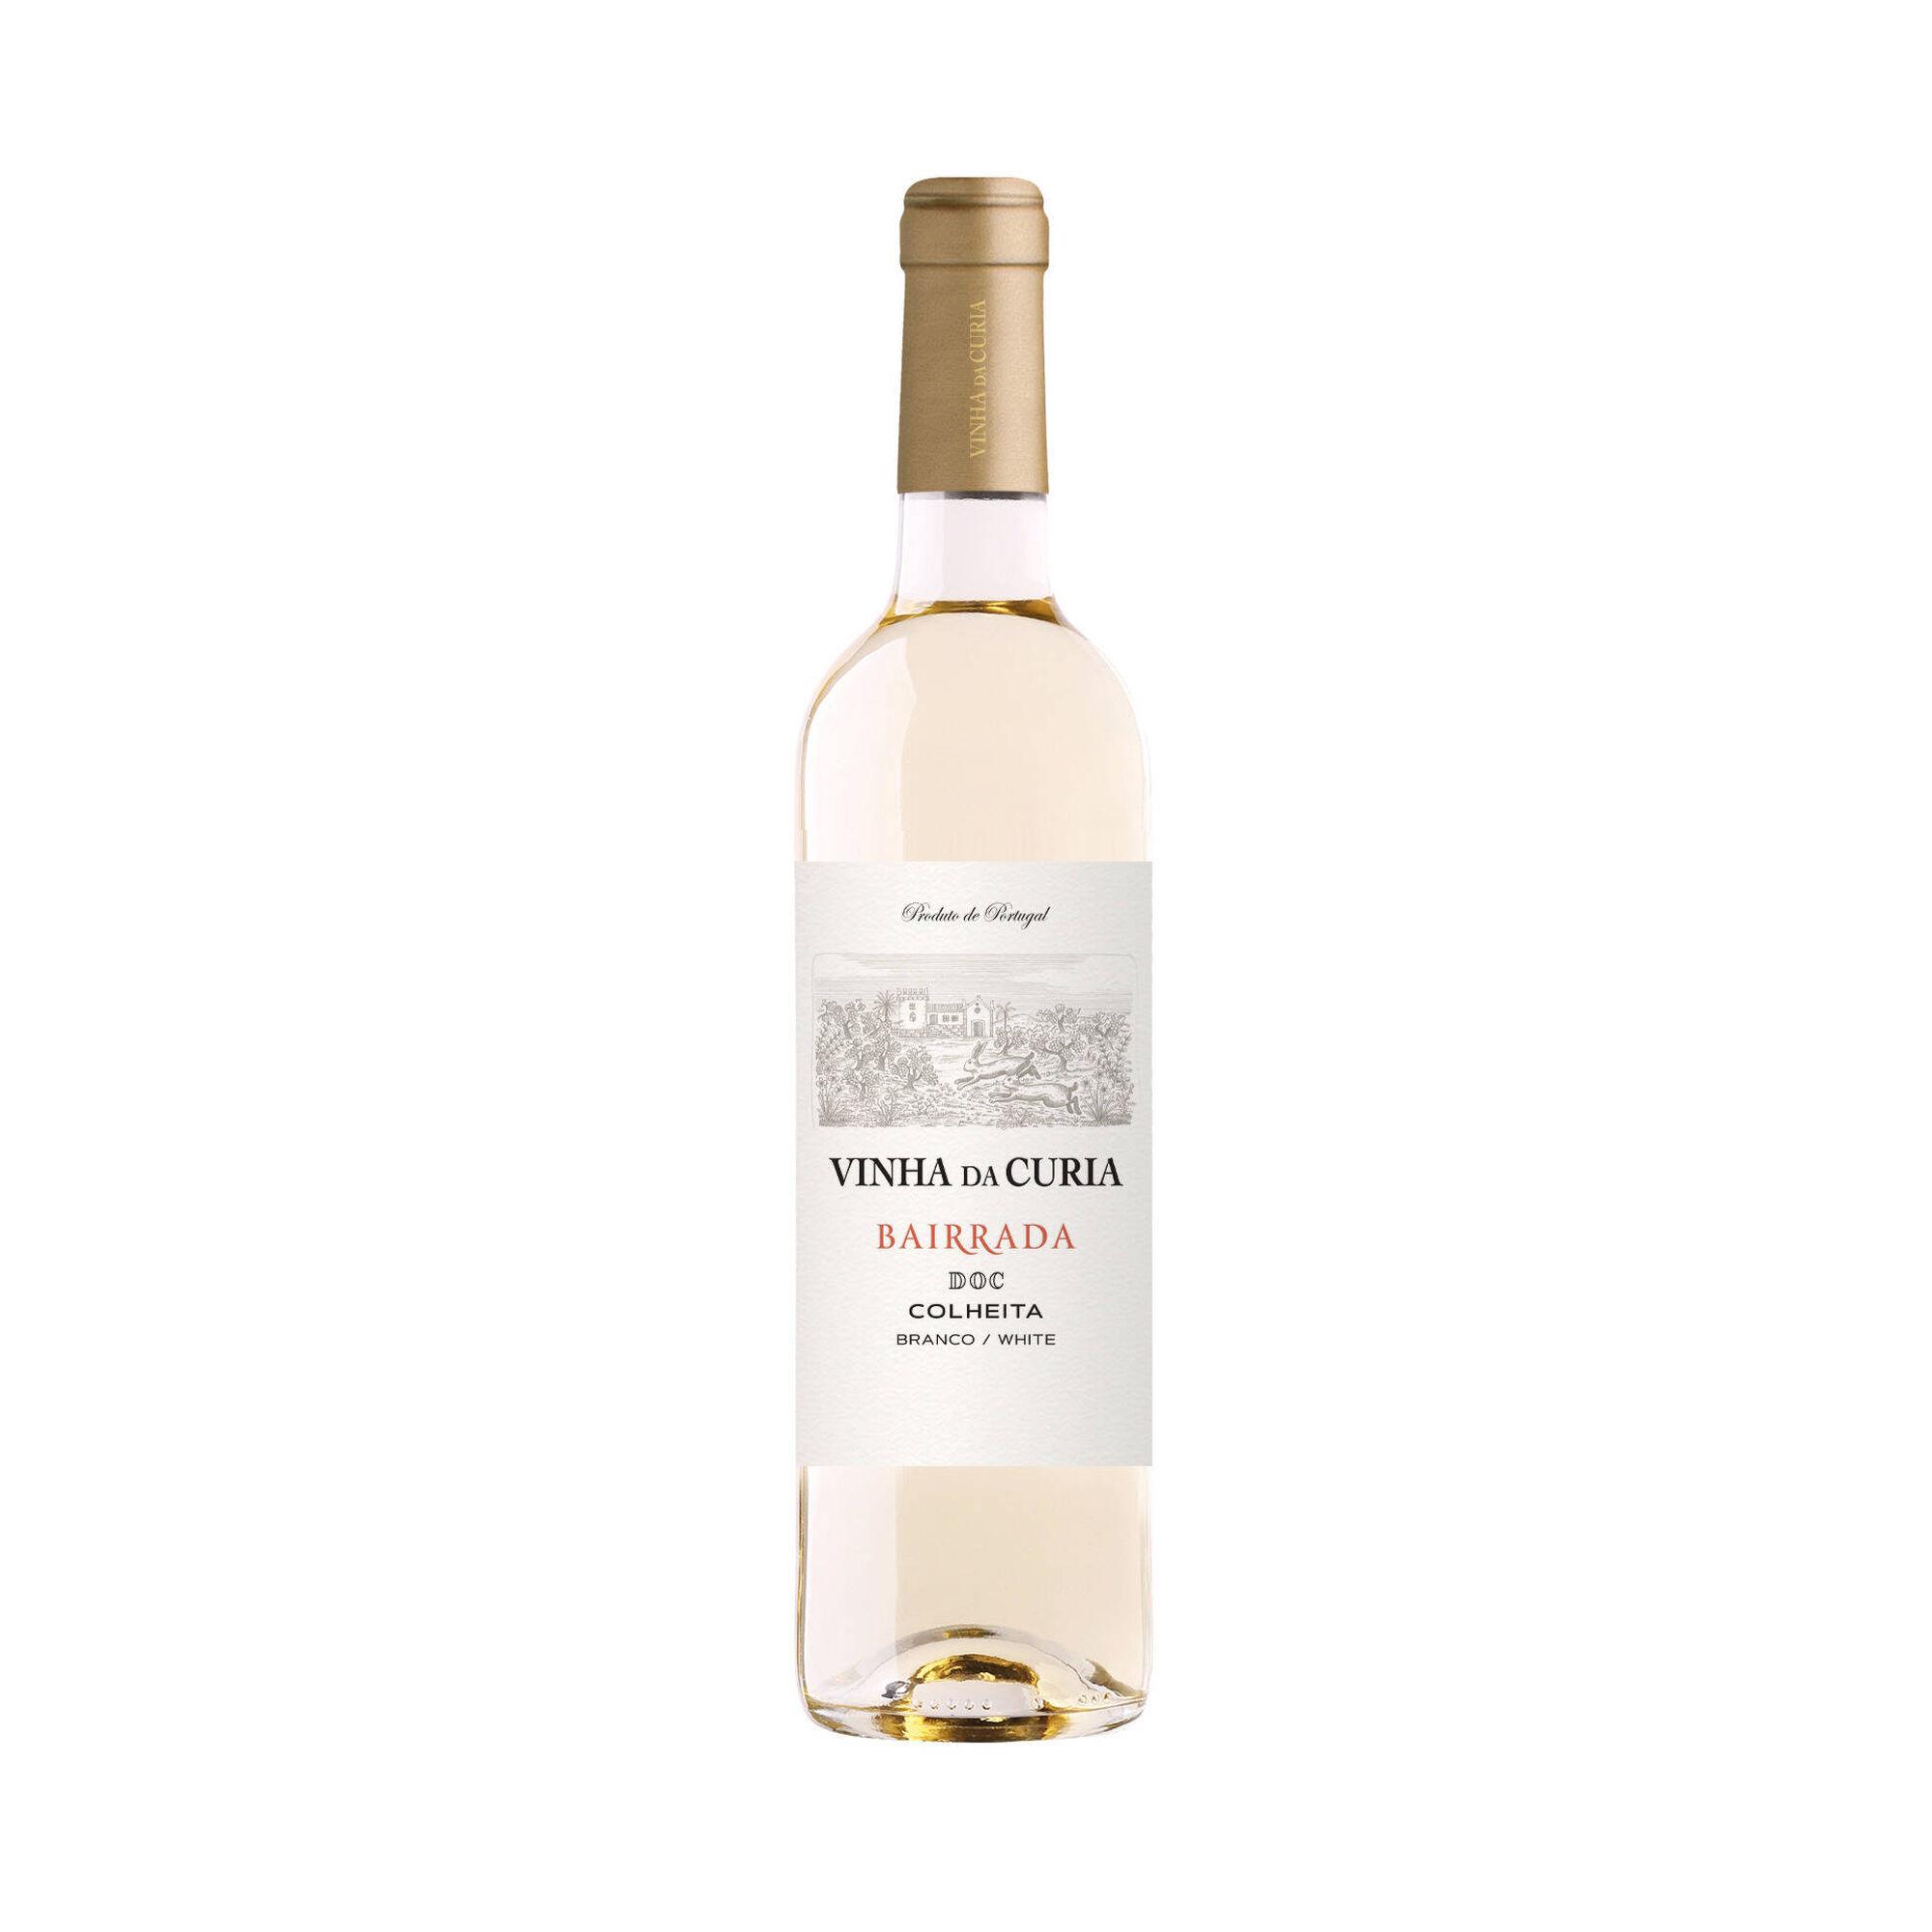 Vinha da Curia Colheita DOC Bairrada Vinho Branco